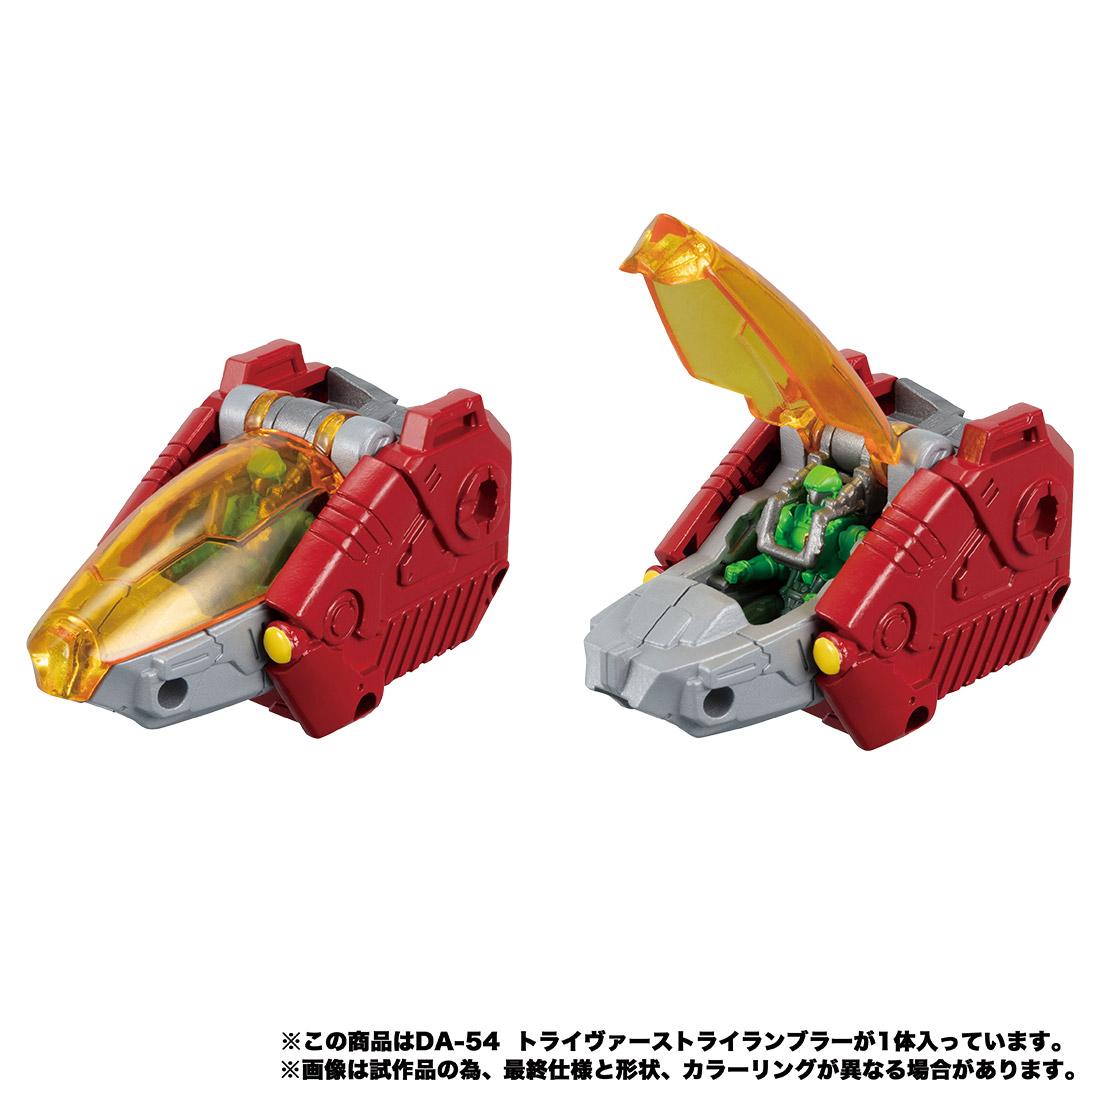 【限定販売】ダイアクロン DA-54『トライヴァース トライランブラー』可動フィギュア-003